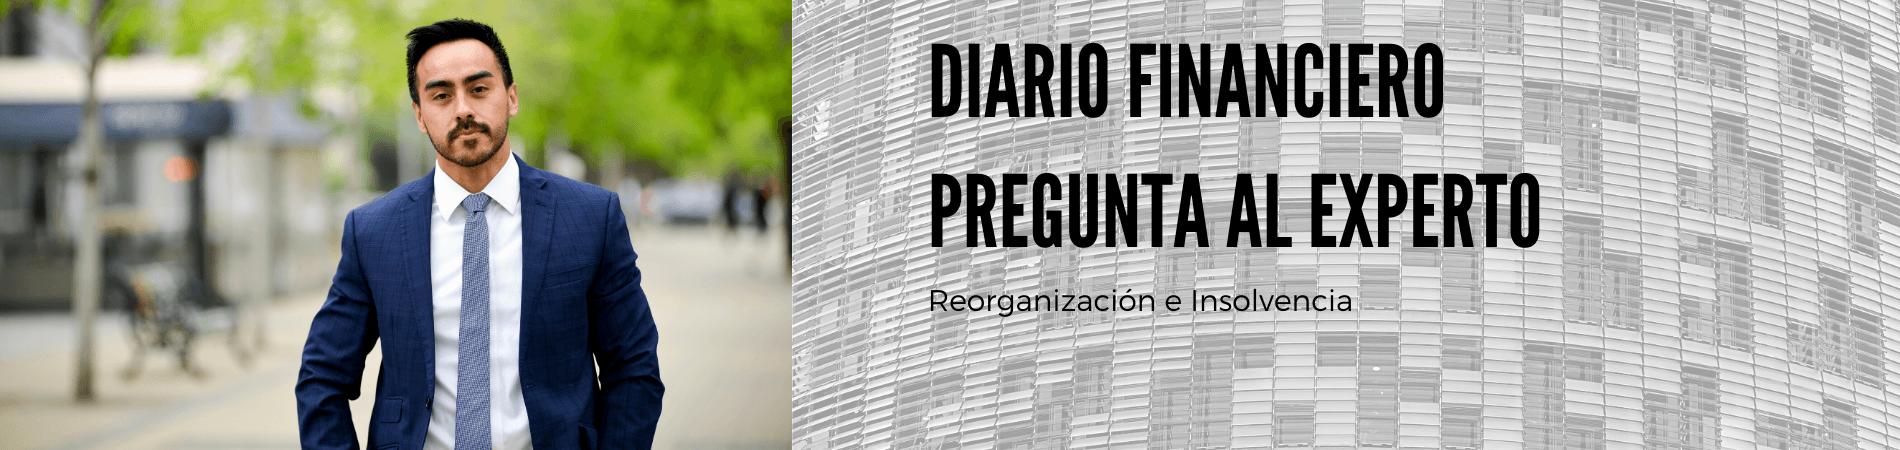 Orlando Palominos en Pregunta al Experto de Diario Financiero: Reorganización y liquidación